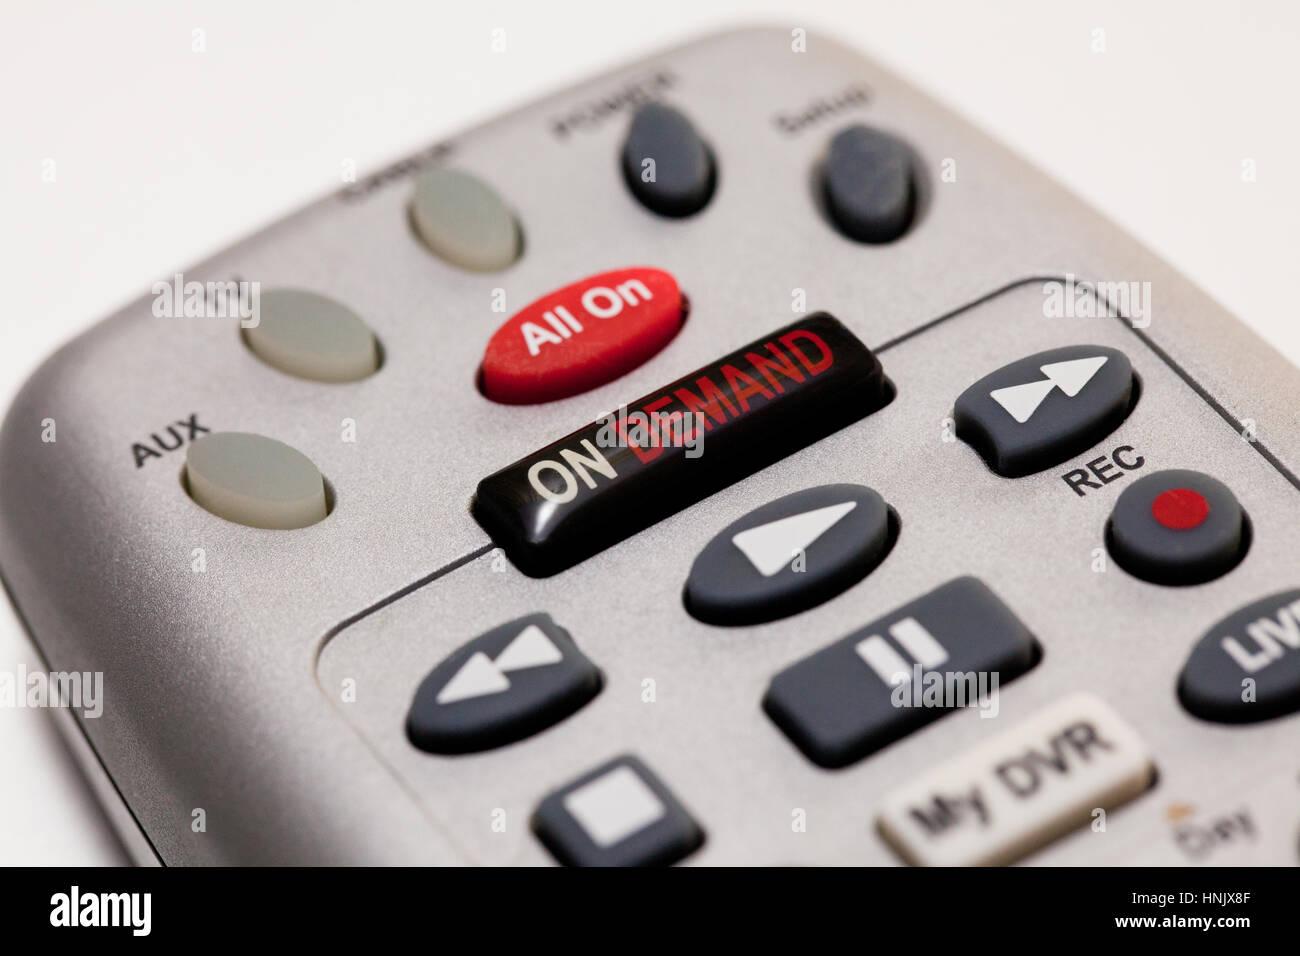 Sur le bouton de la demande sur le câble TV remote libre - USA Banque D'Images